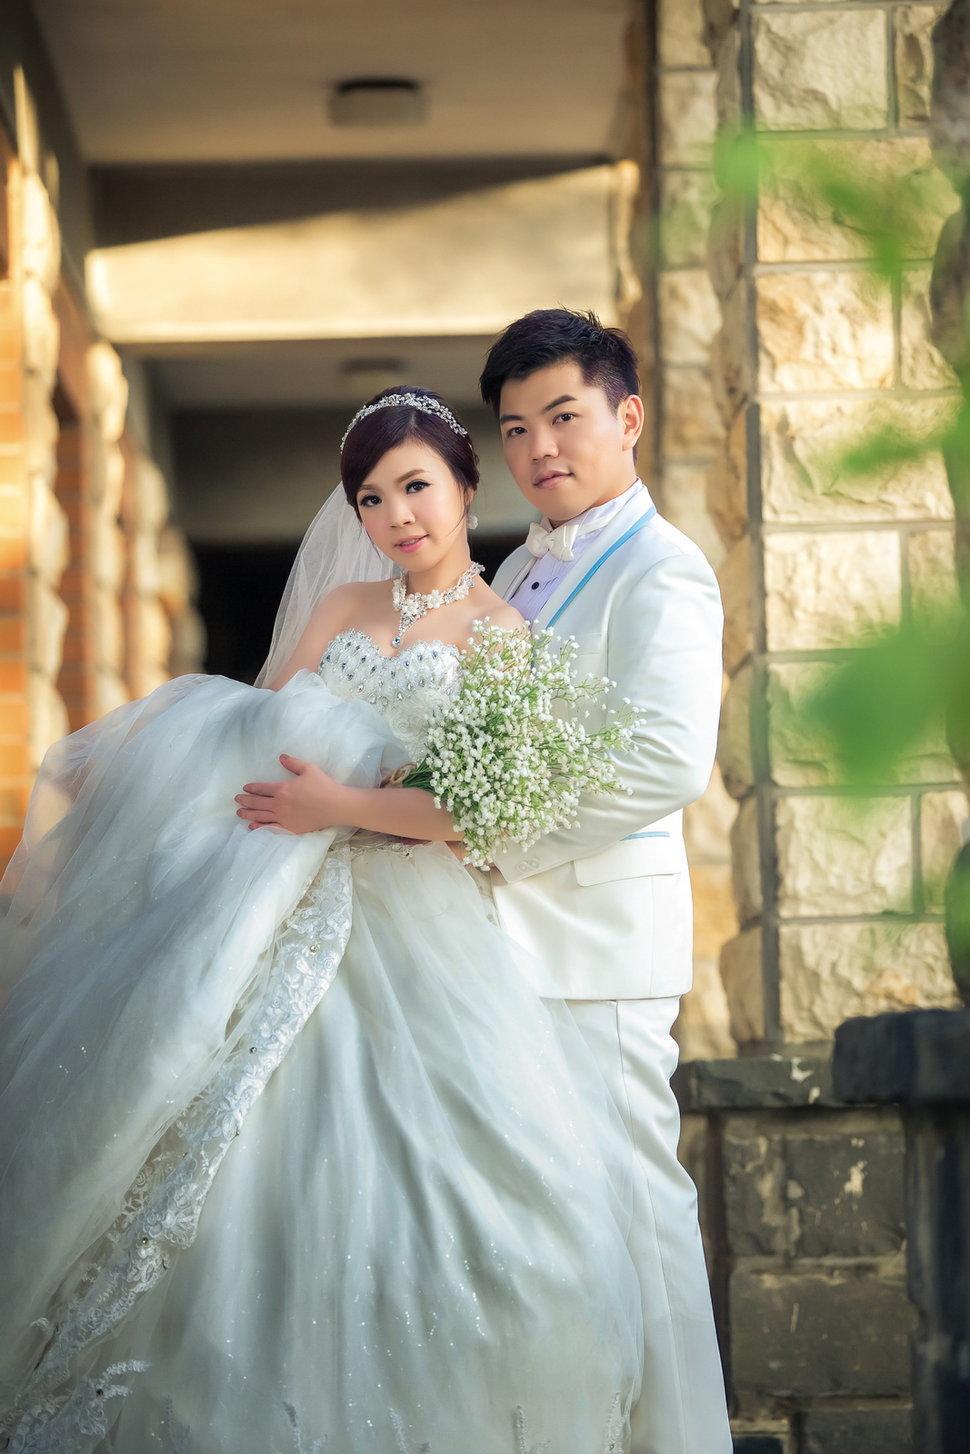 自助婚紗-淡水教堂-婚攝阿卜(編號:433922) - 阿卜的攝影工作室 - 結婚吧一站式婚禮服務平台